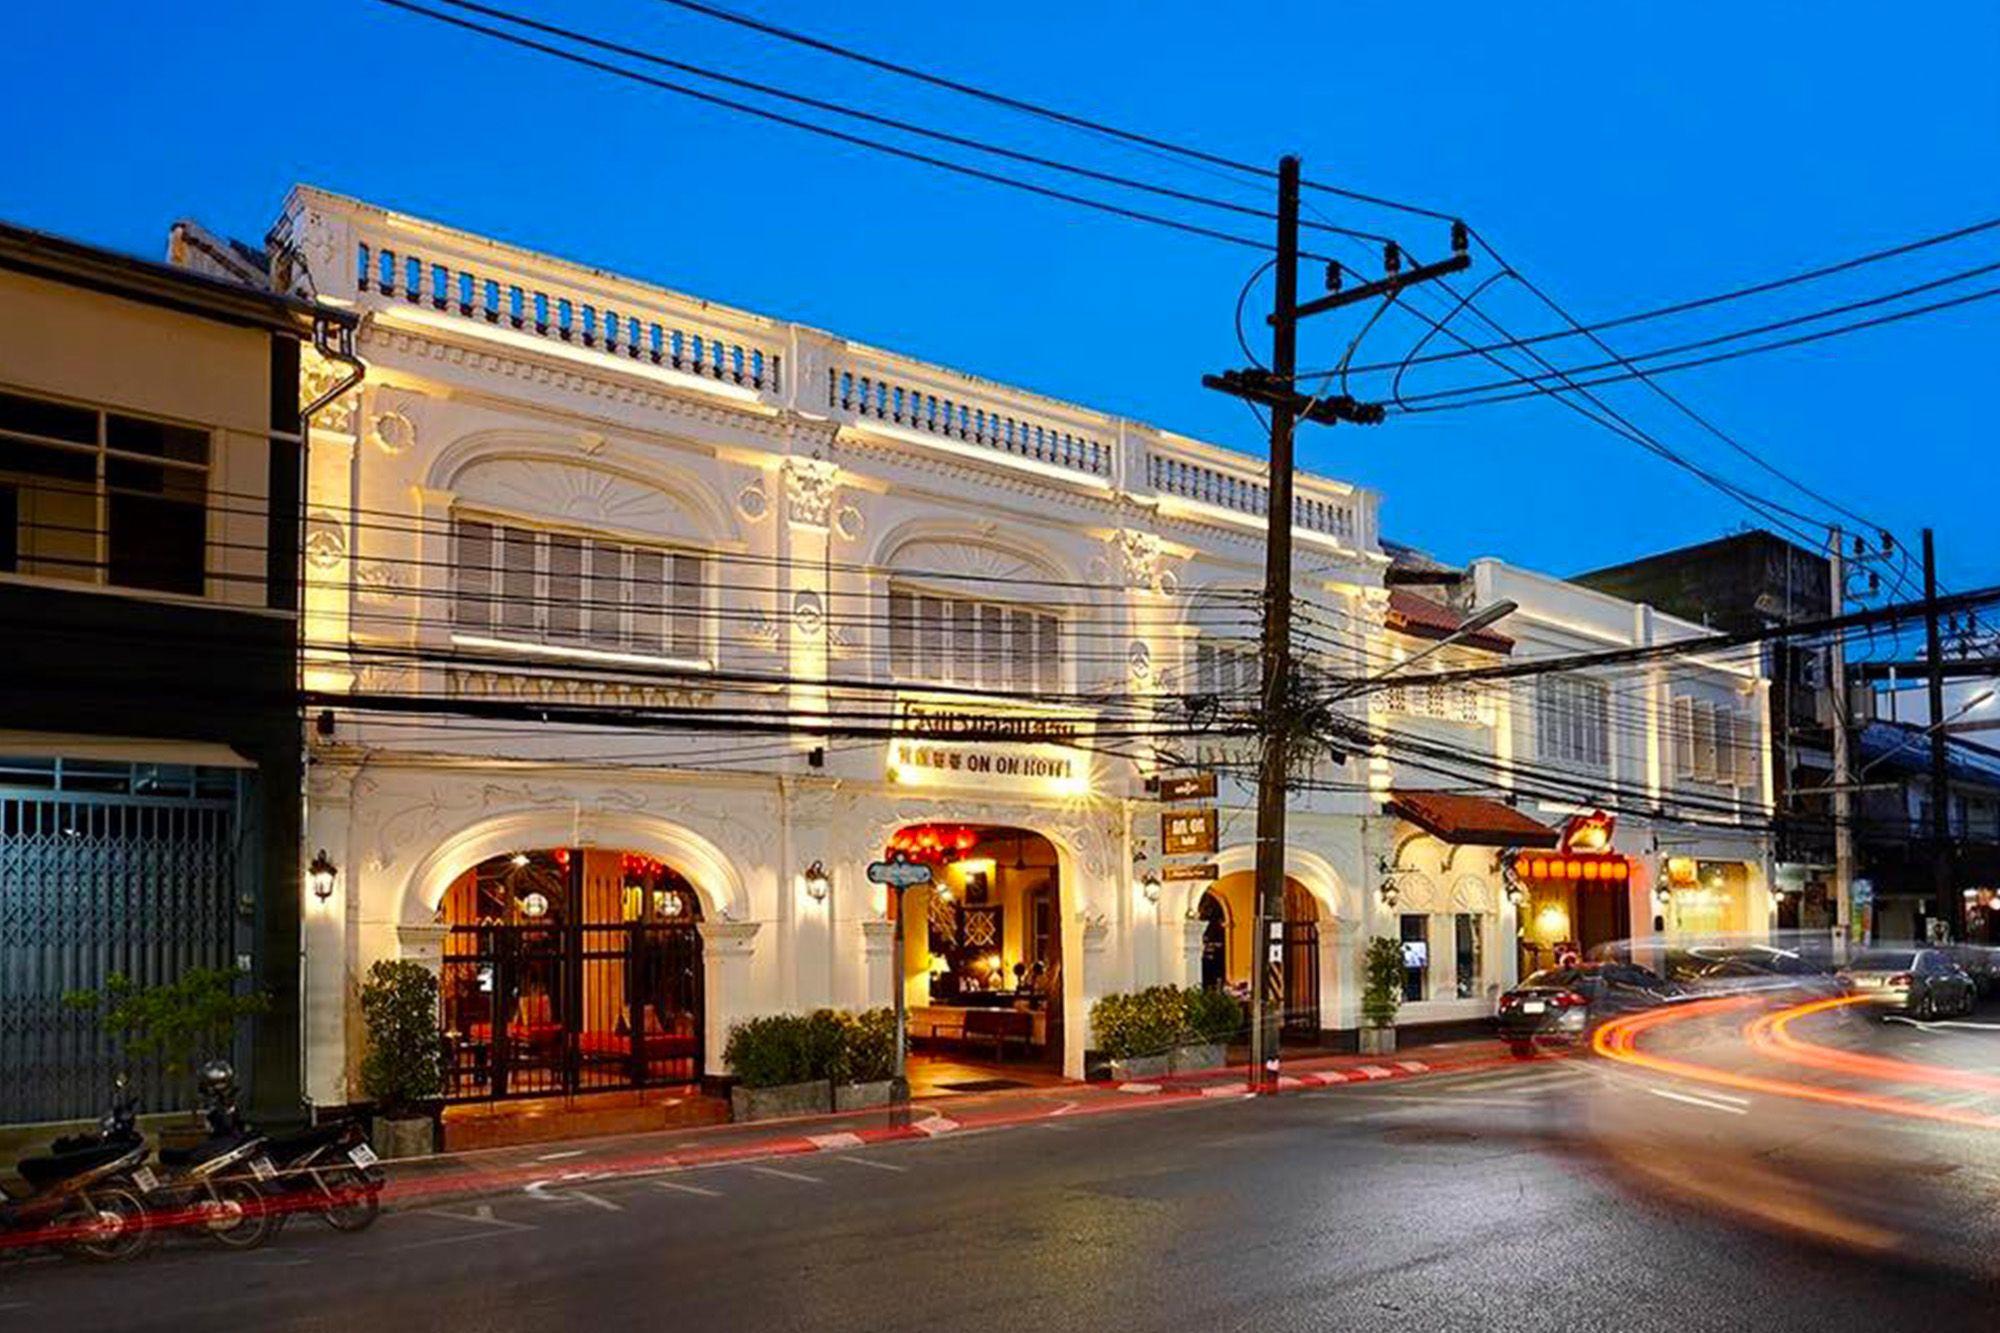 普吉老城 Old Phuket Town 普吉岛 锡矿 普吉 老街 普吉老城 历史